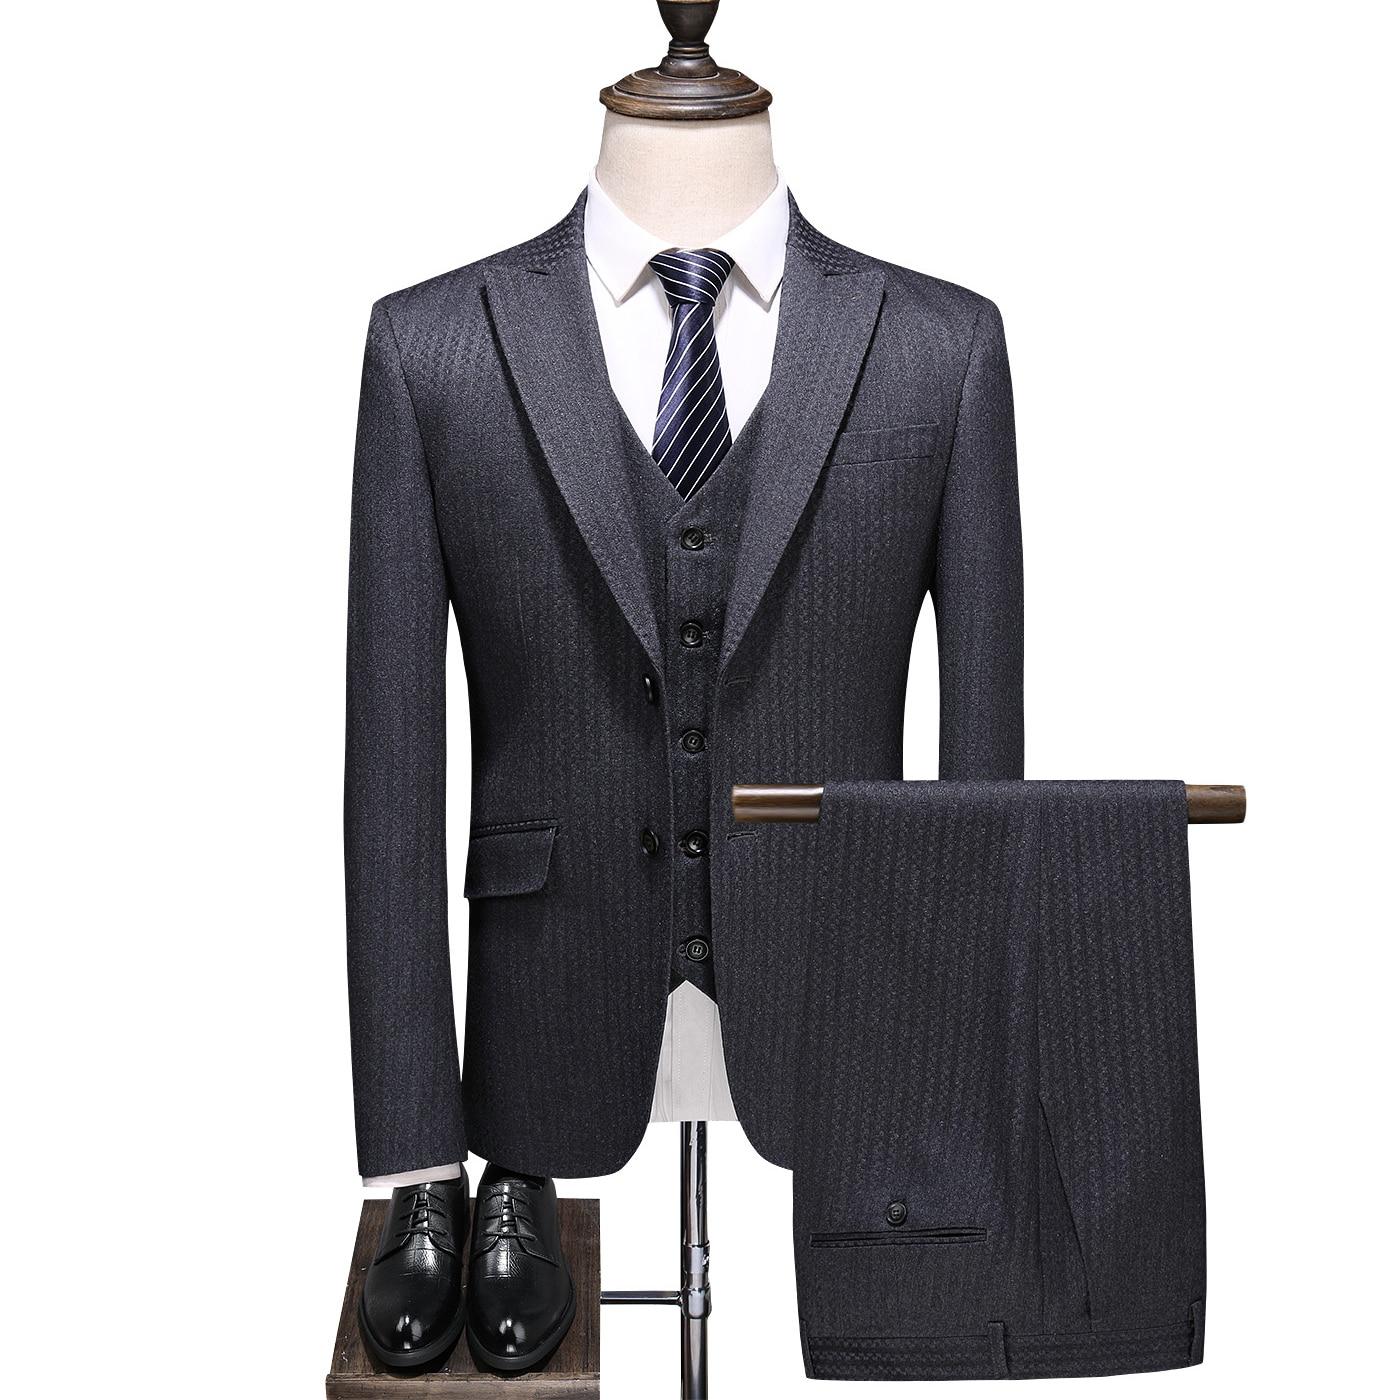 (Blazer+Vest+Pants) Mens Wedding Suit Male Blazers Slim Fit Suits For Men Costume Business Formal Party Classic , Gray / S-5XL